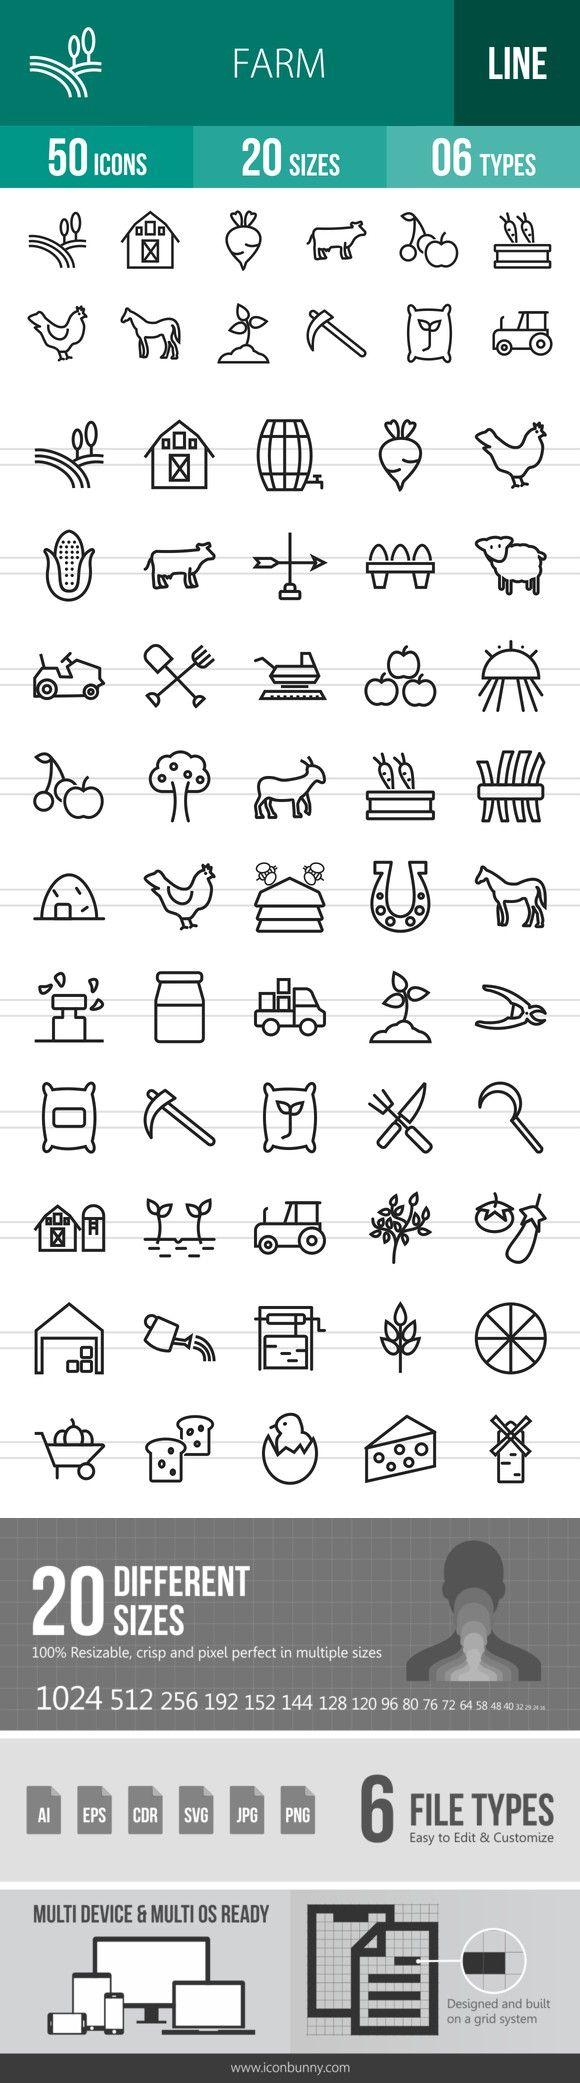 50 Farm Line Icons